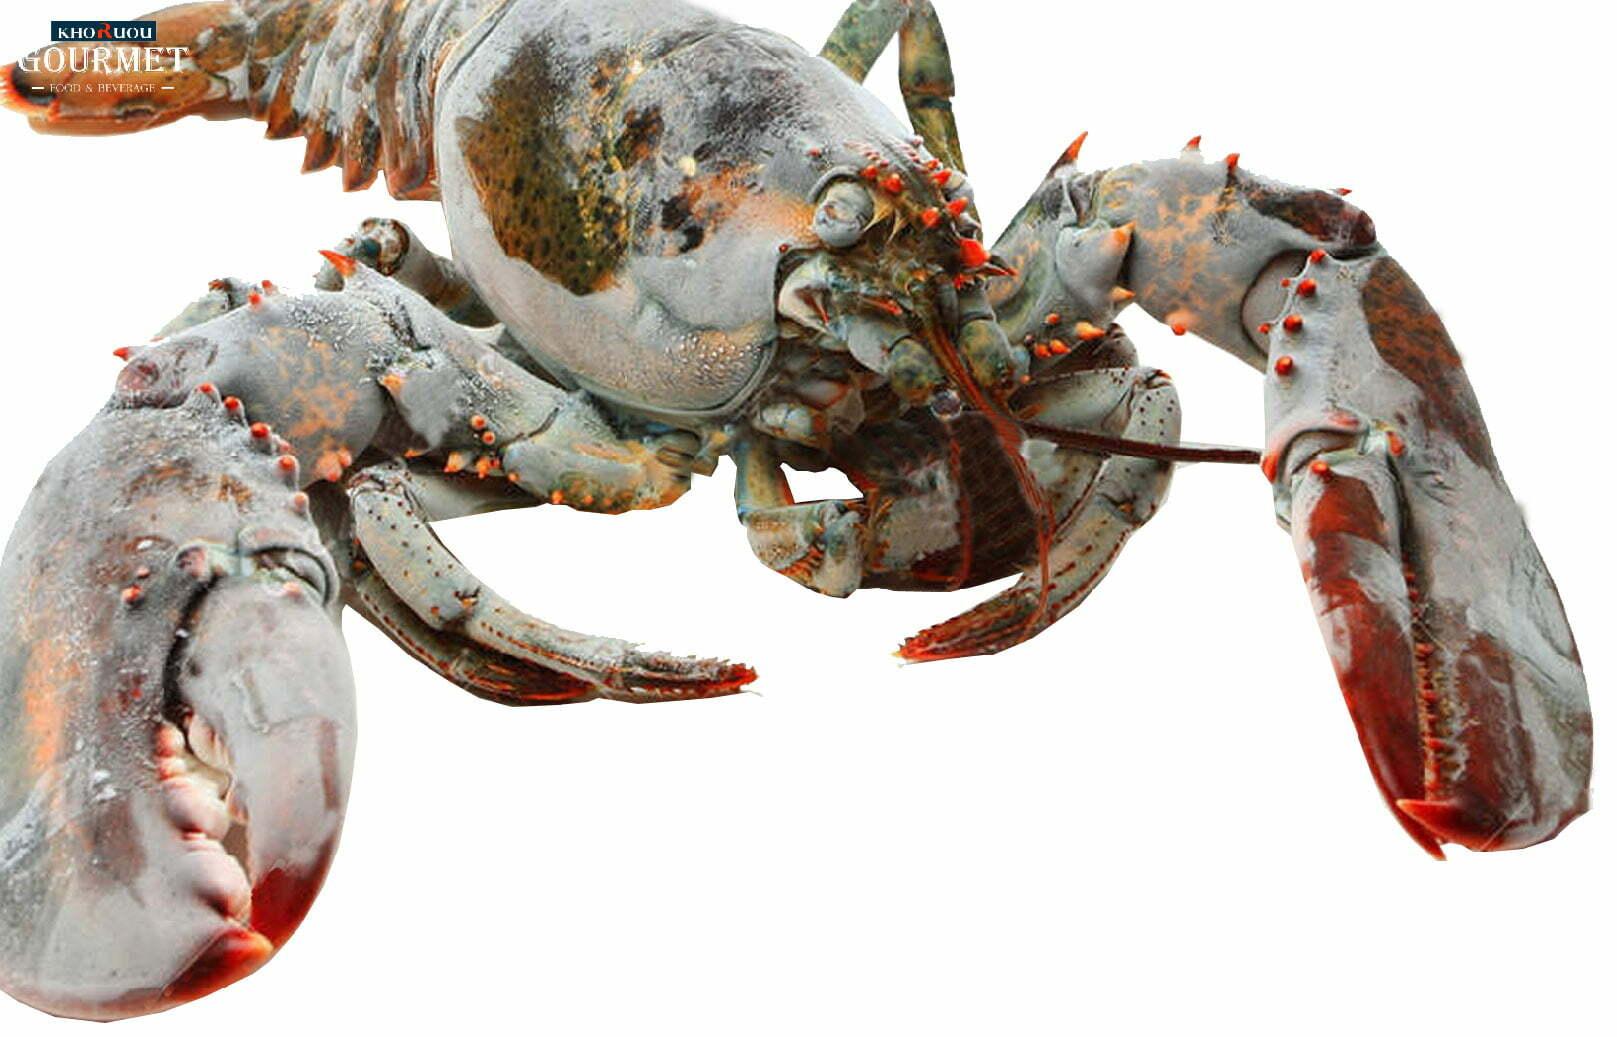 Tôm hùm Canada đông lạnh - món hải sản giàu dinh dưỡng